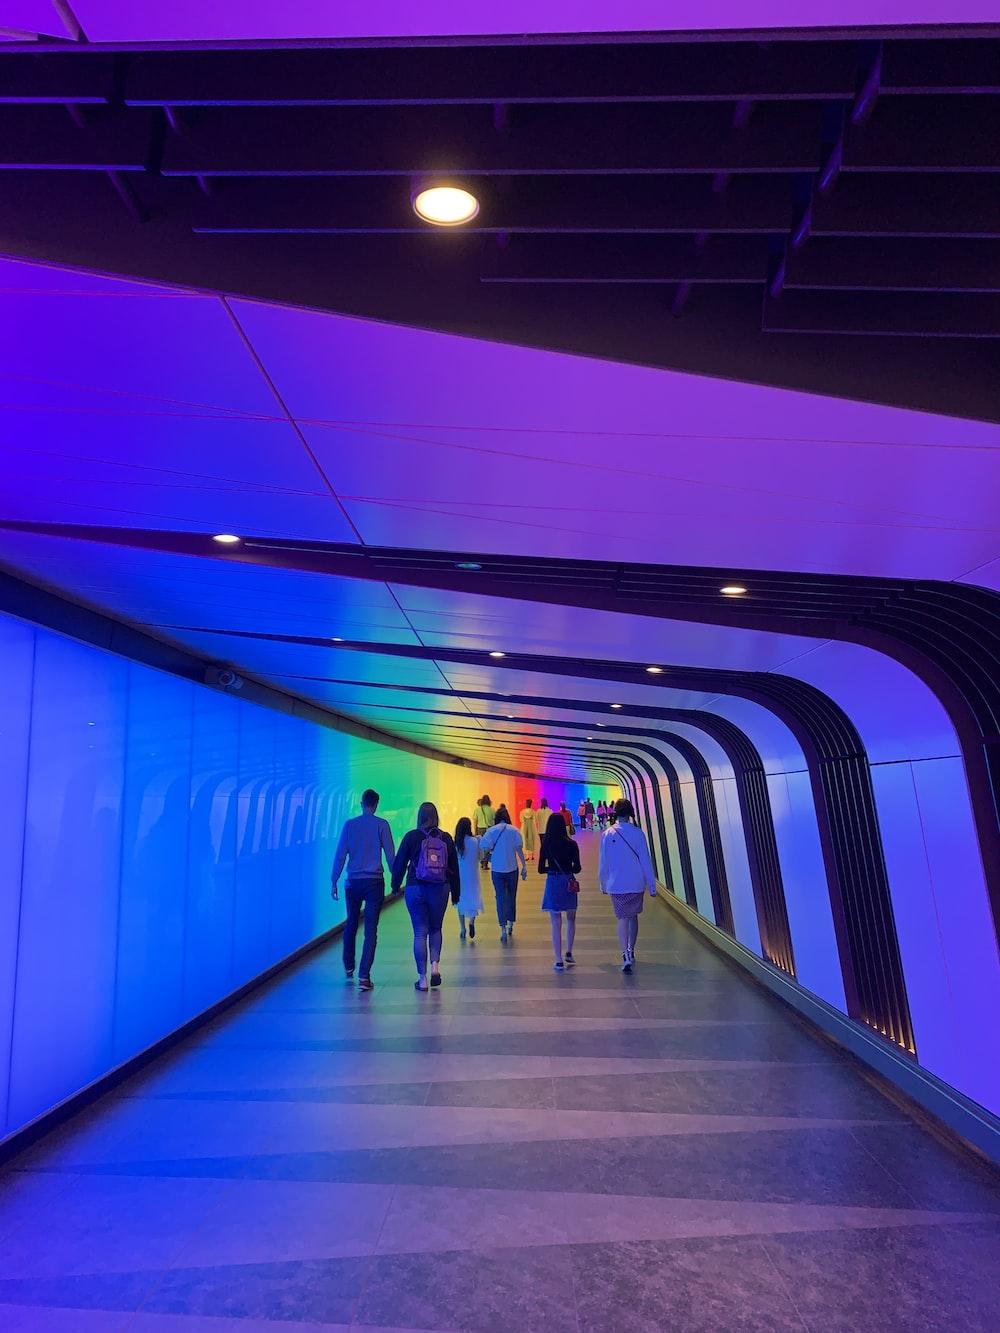 people walking on purple hallway